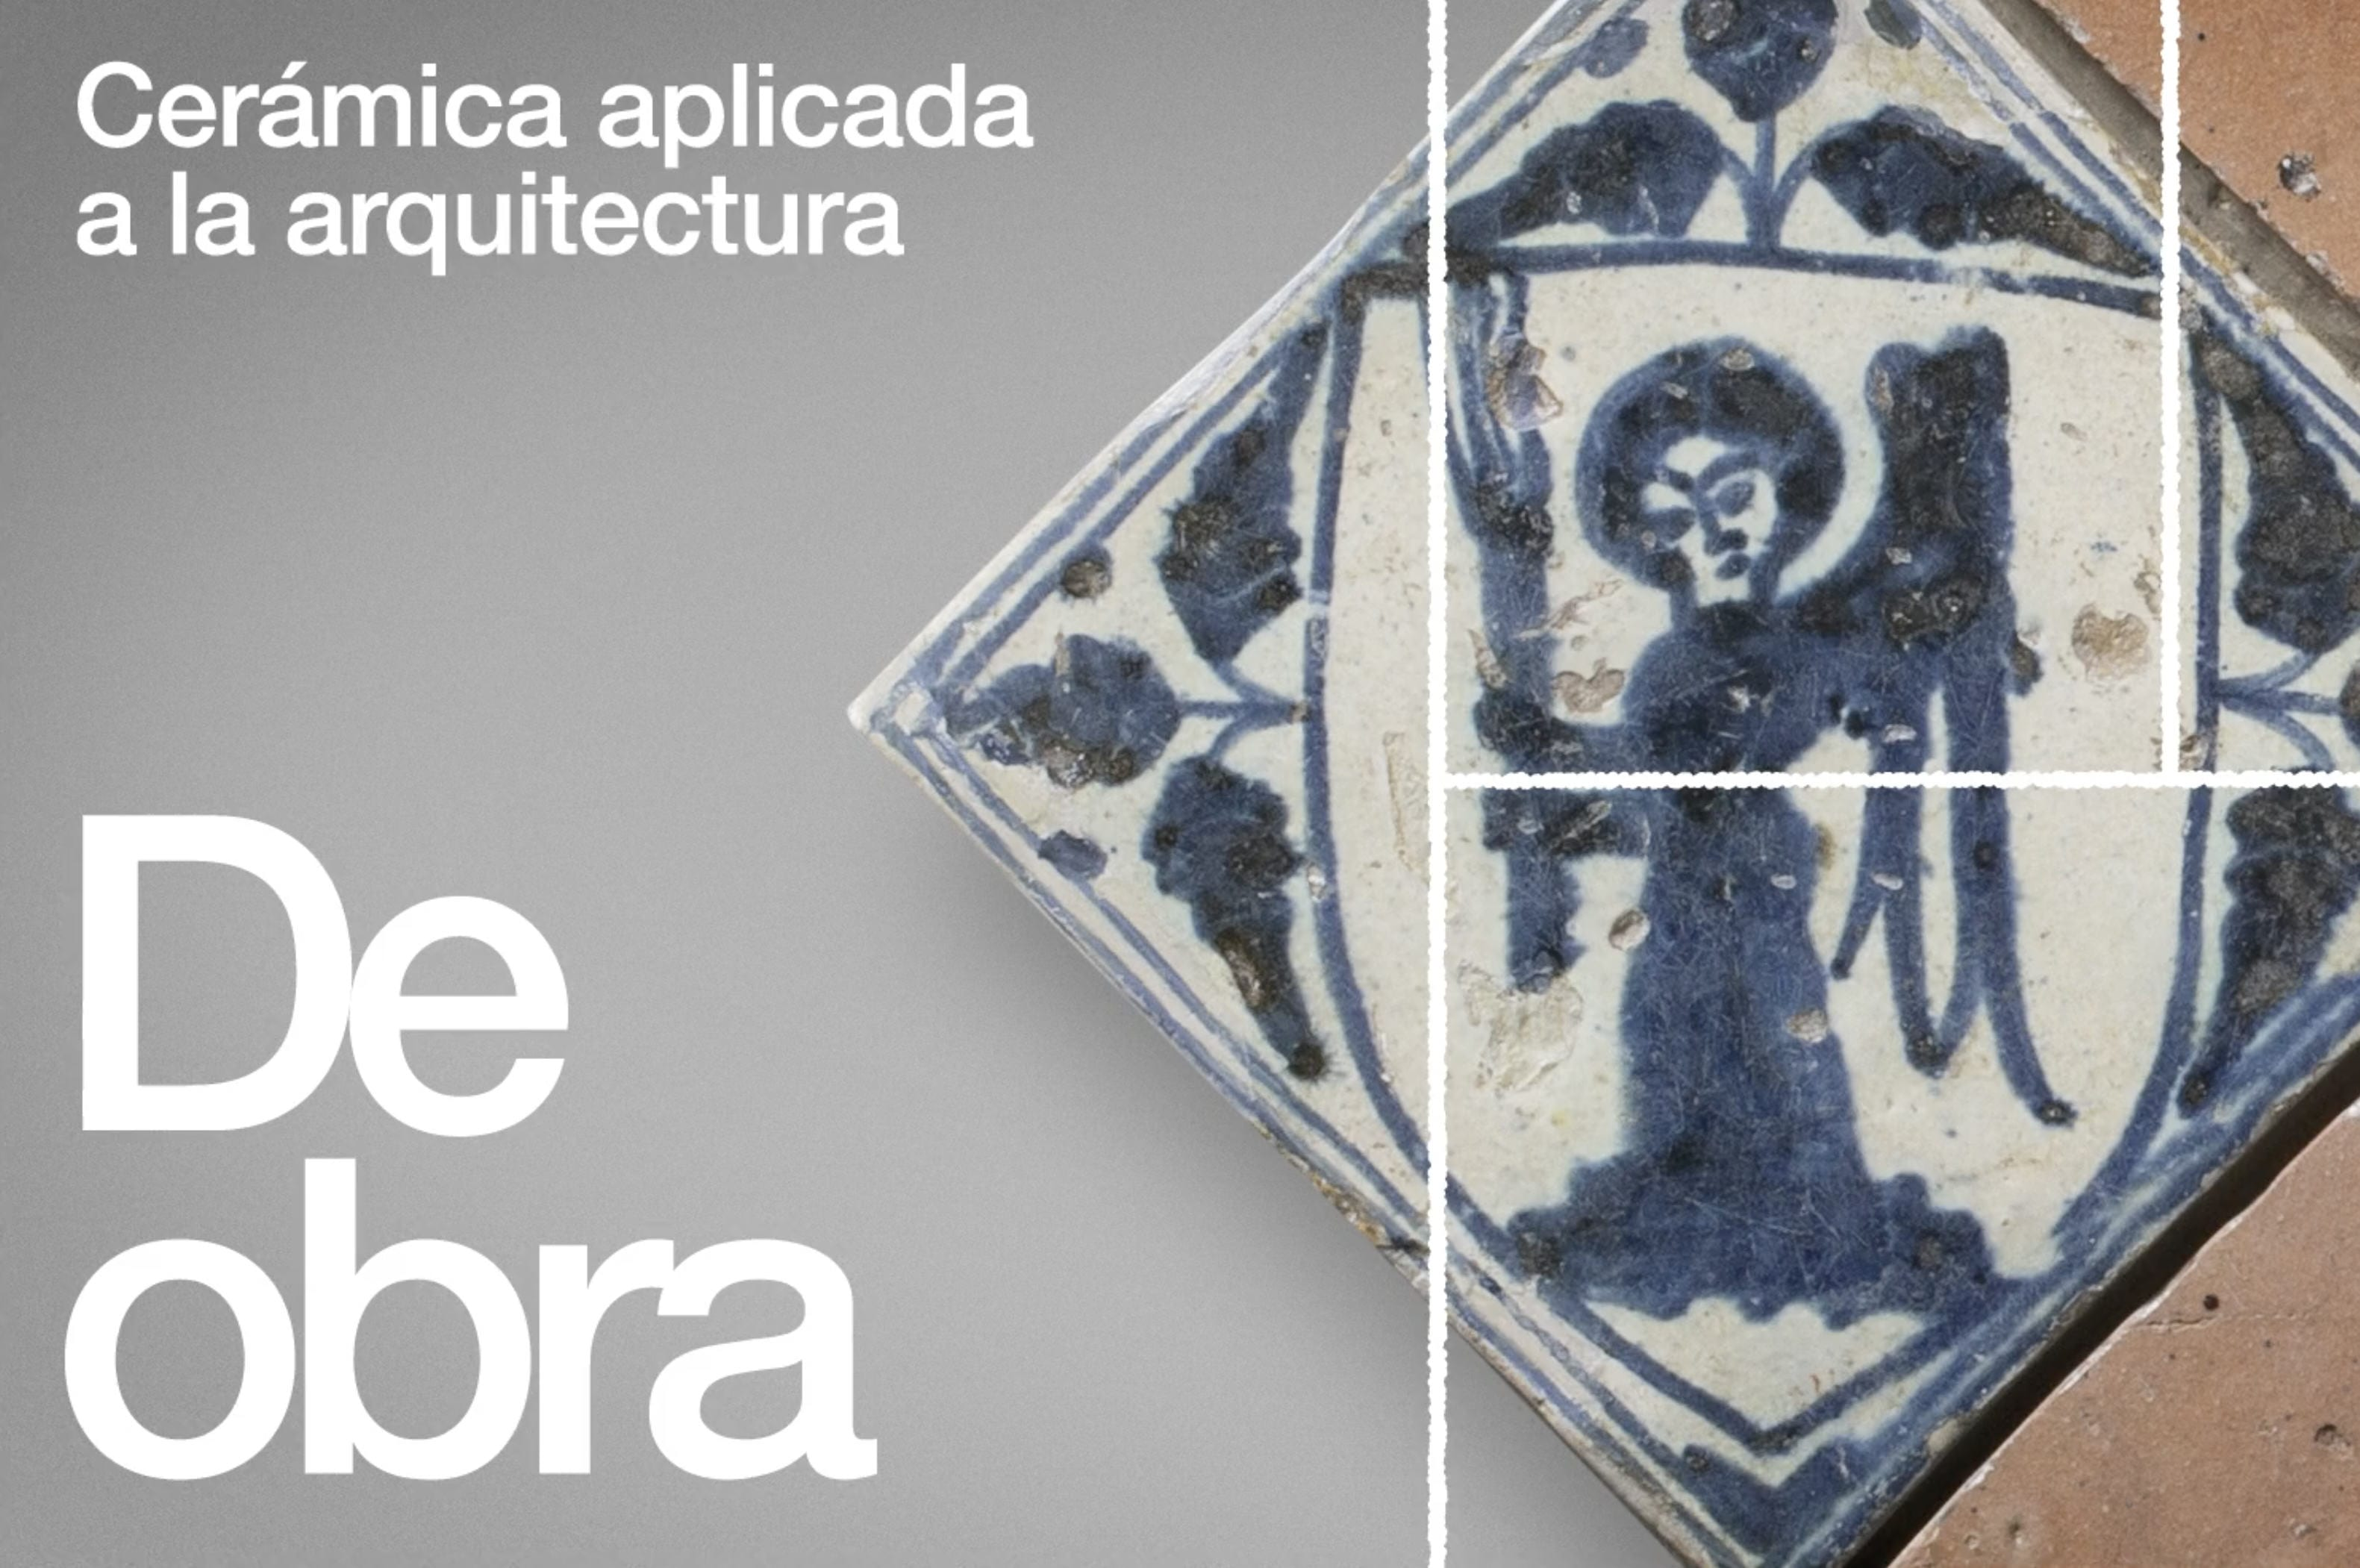 Entrevista a Pedro Azara